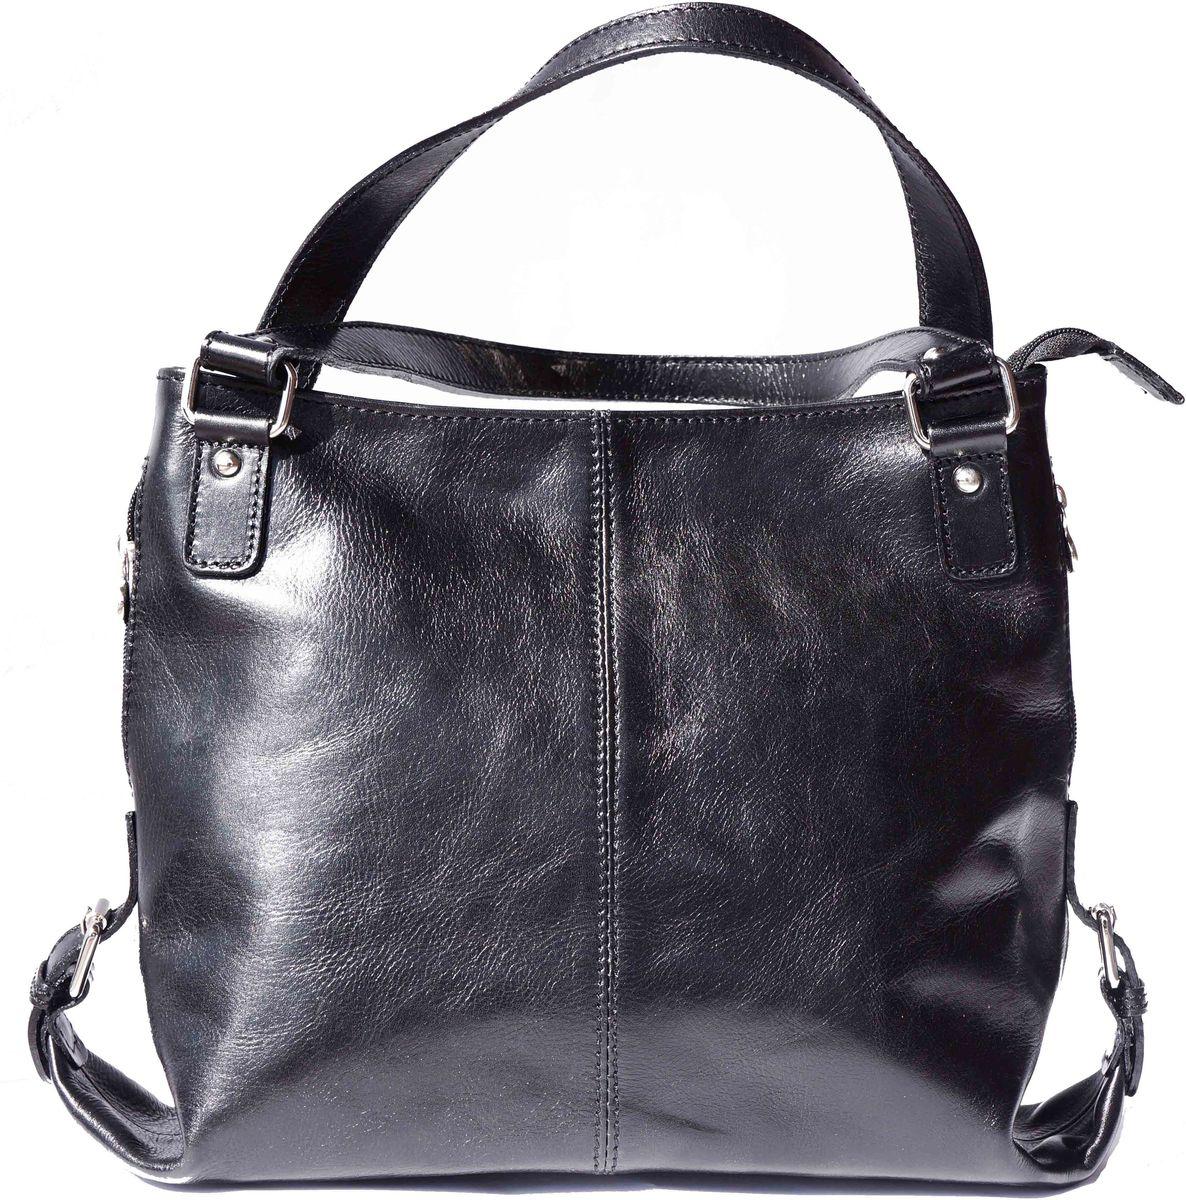 Δερματινη Τσαντα Ωμου Firenze Leather 6547 Μαύρο γυναίκα   τσάντες ώμου   χειρός